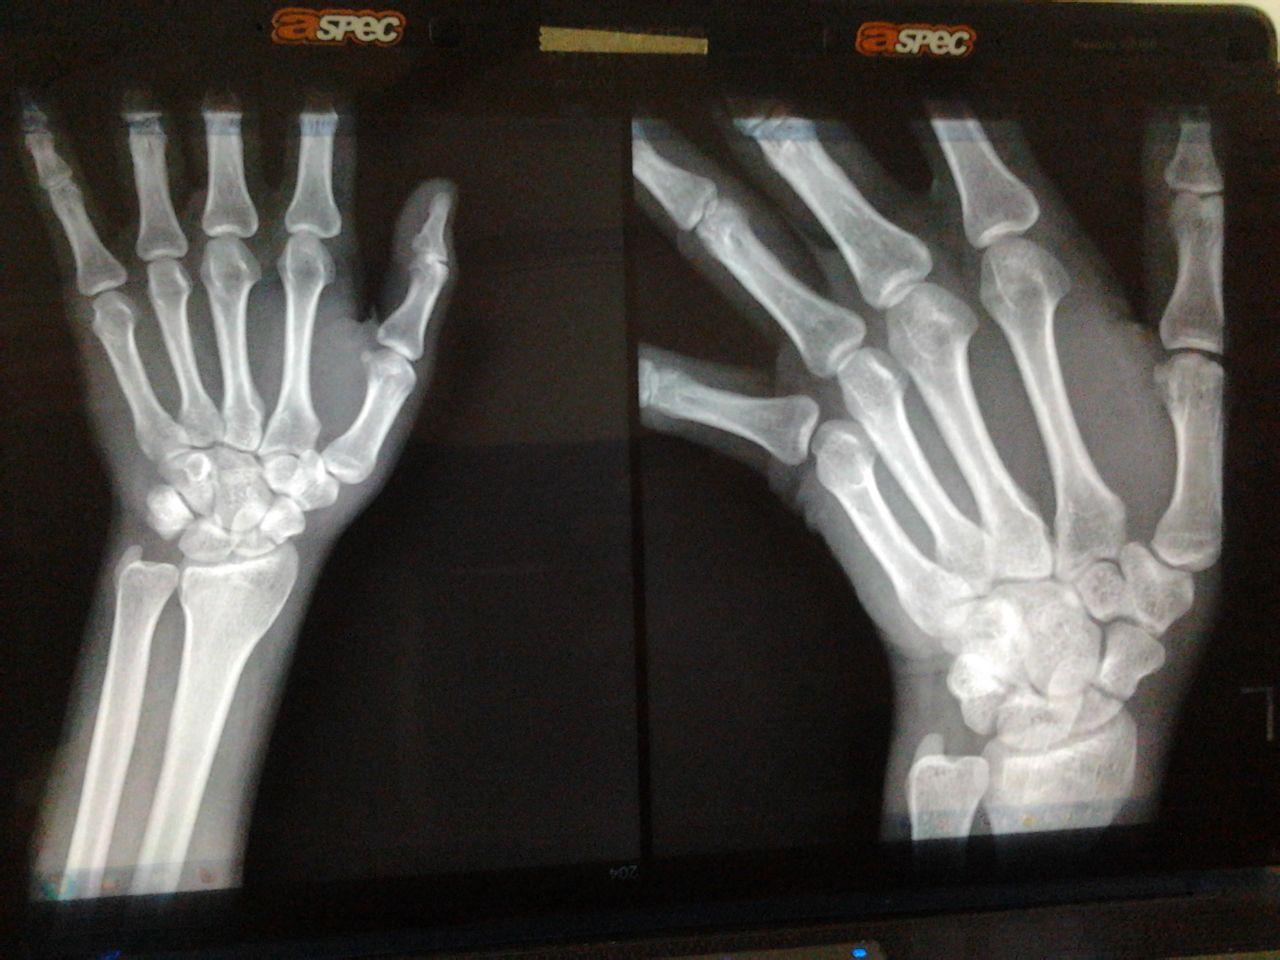 手骨折后多久才能好能动